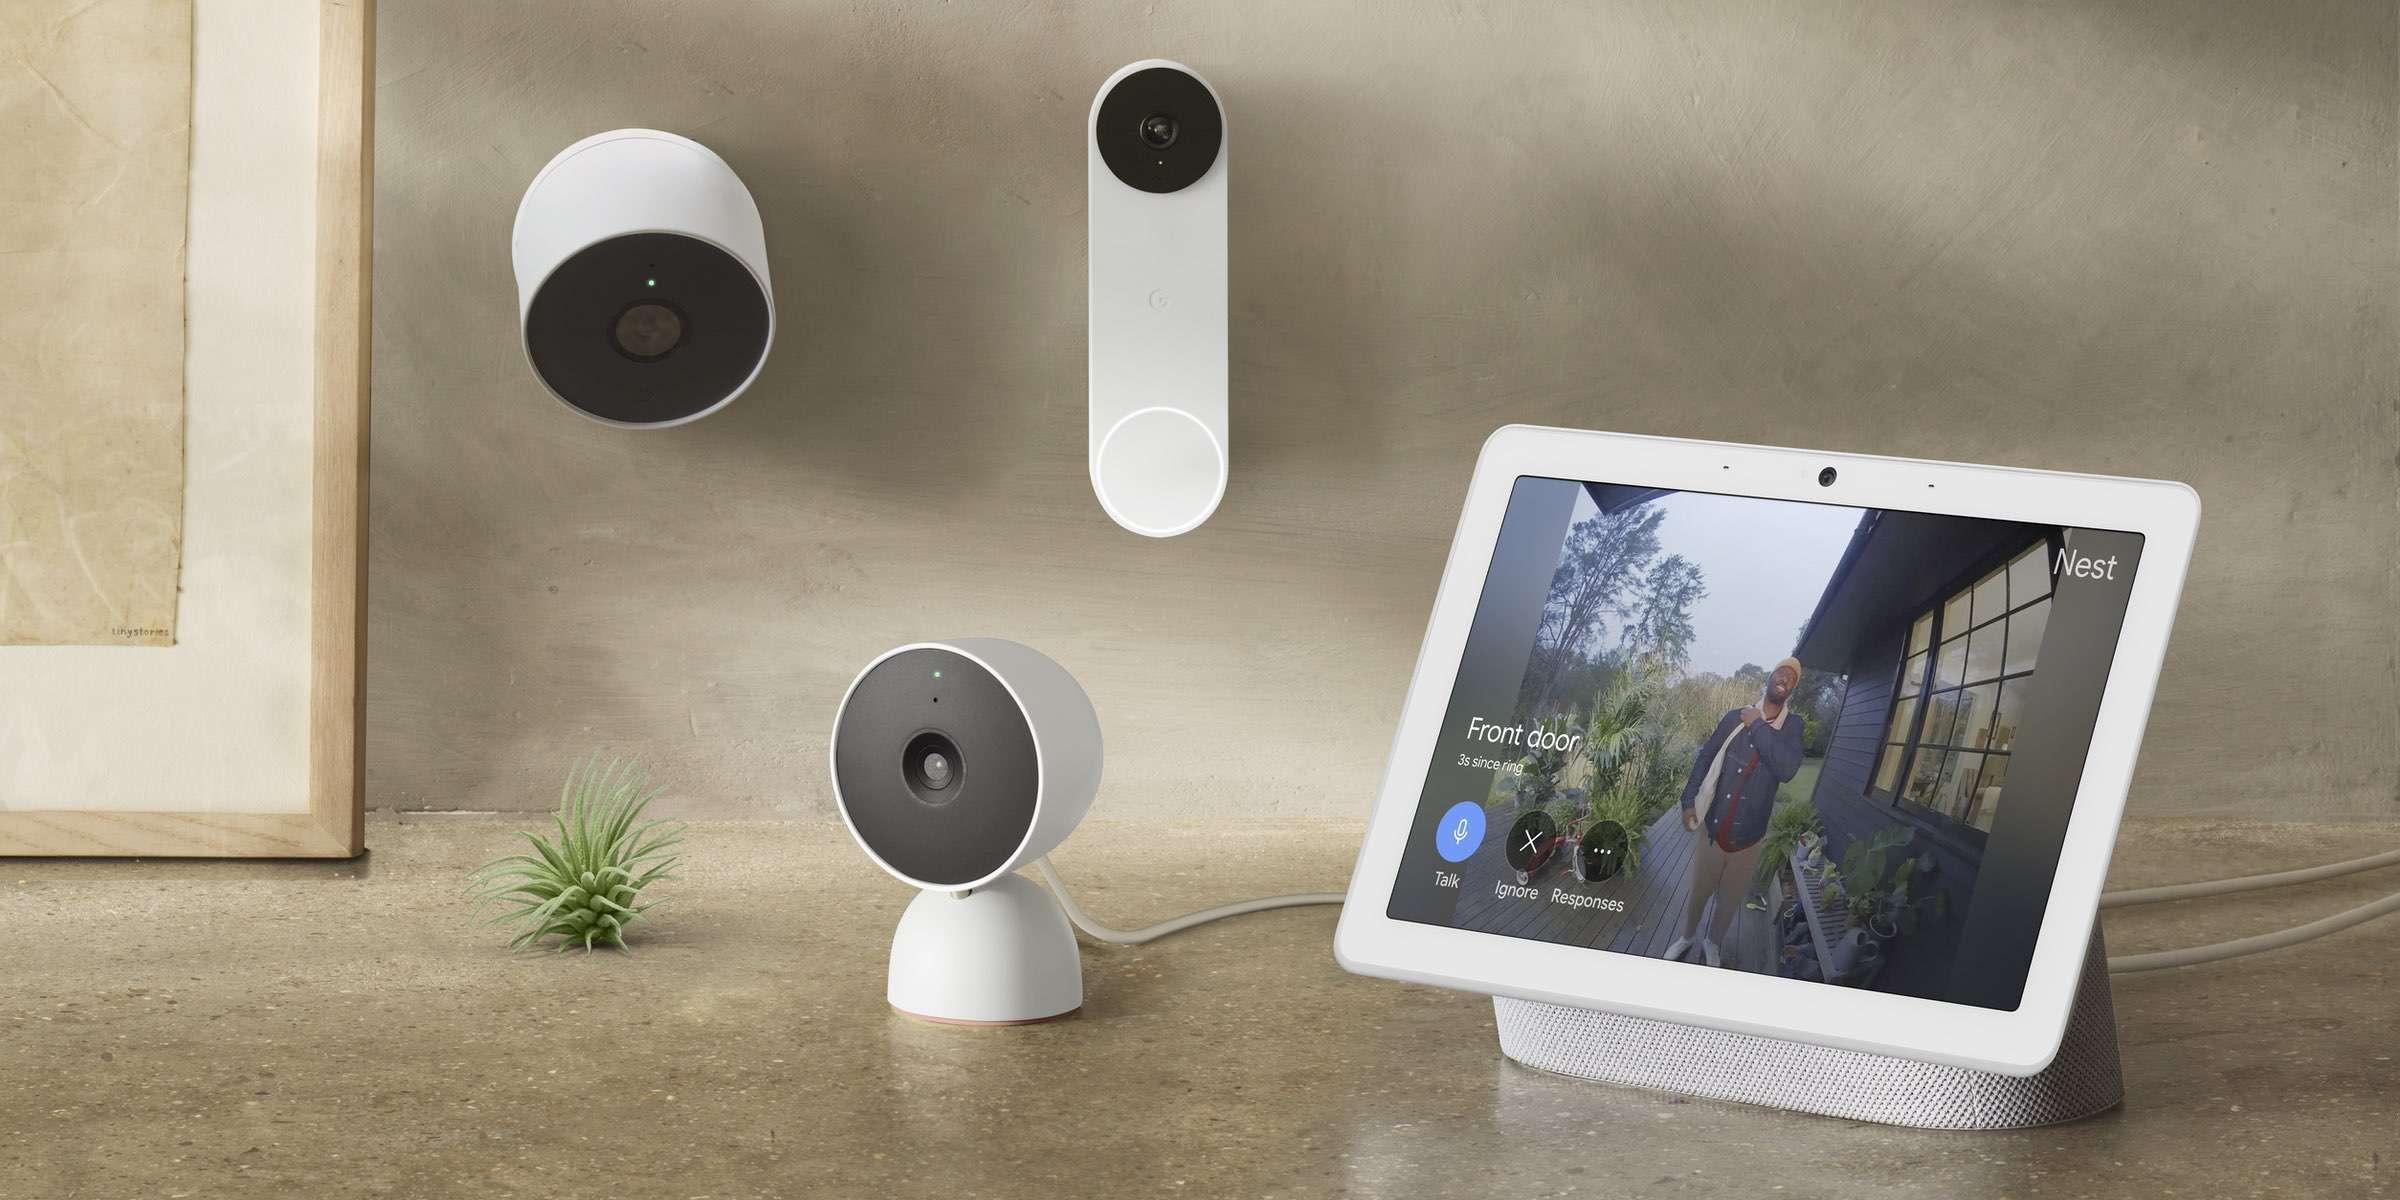 Neue Nest Kameras und Türklingeln vorgestellt – Nest Cam und Nest Doorbell